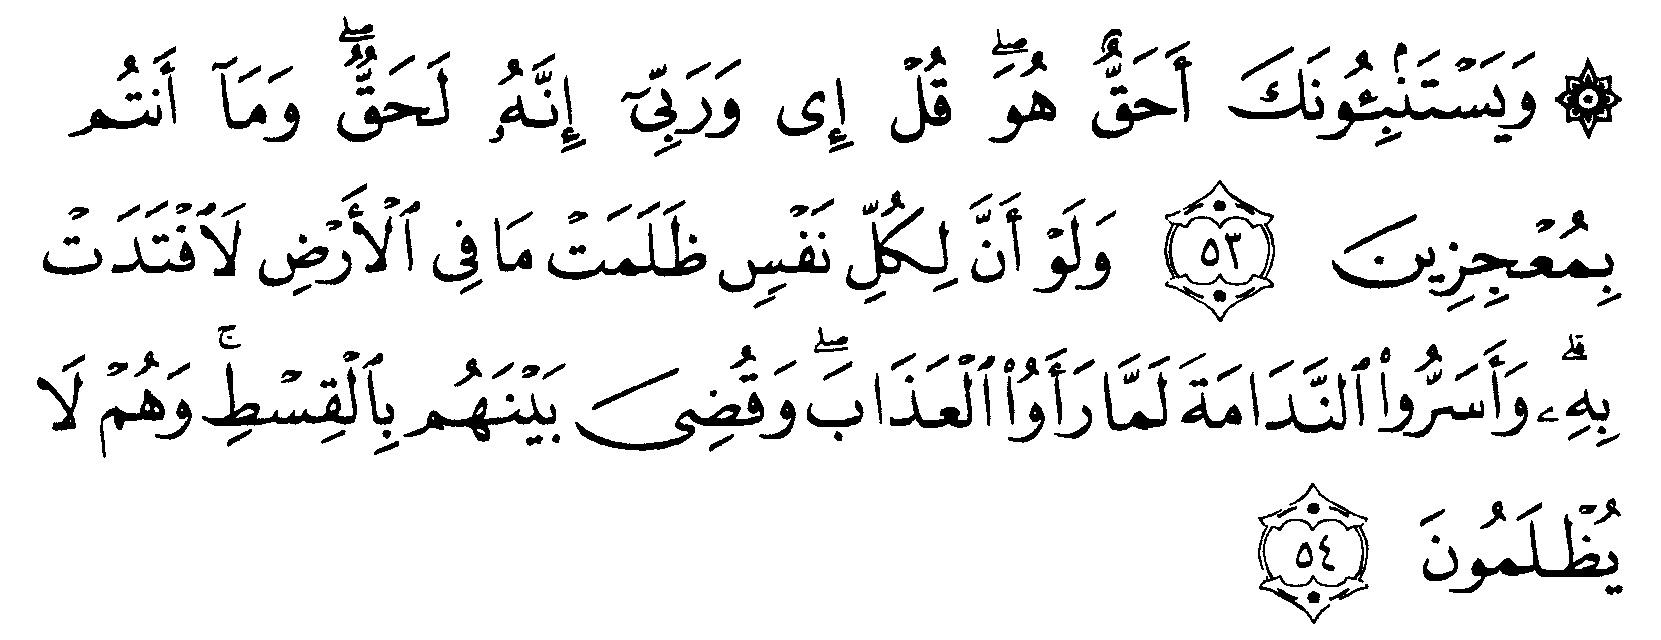 Tafsir Ibnu Katsir Surah Yunus Ayat 53 54 Alquranmulia